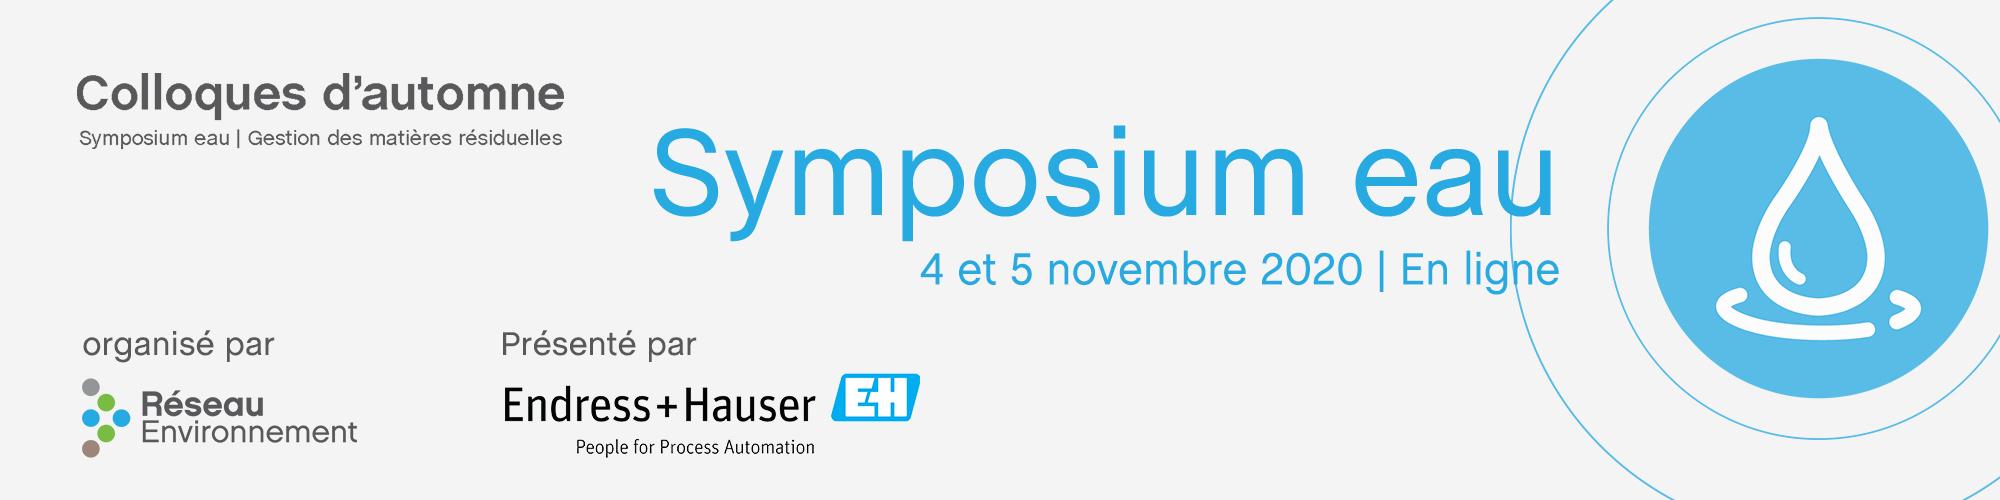 Colloques d'automne 2020 - Symposium eau